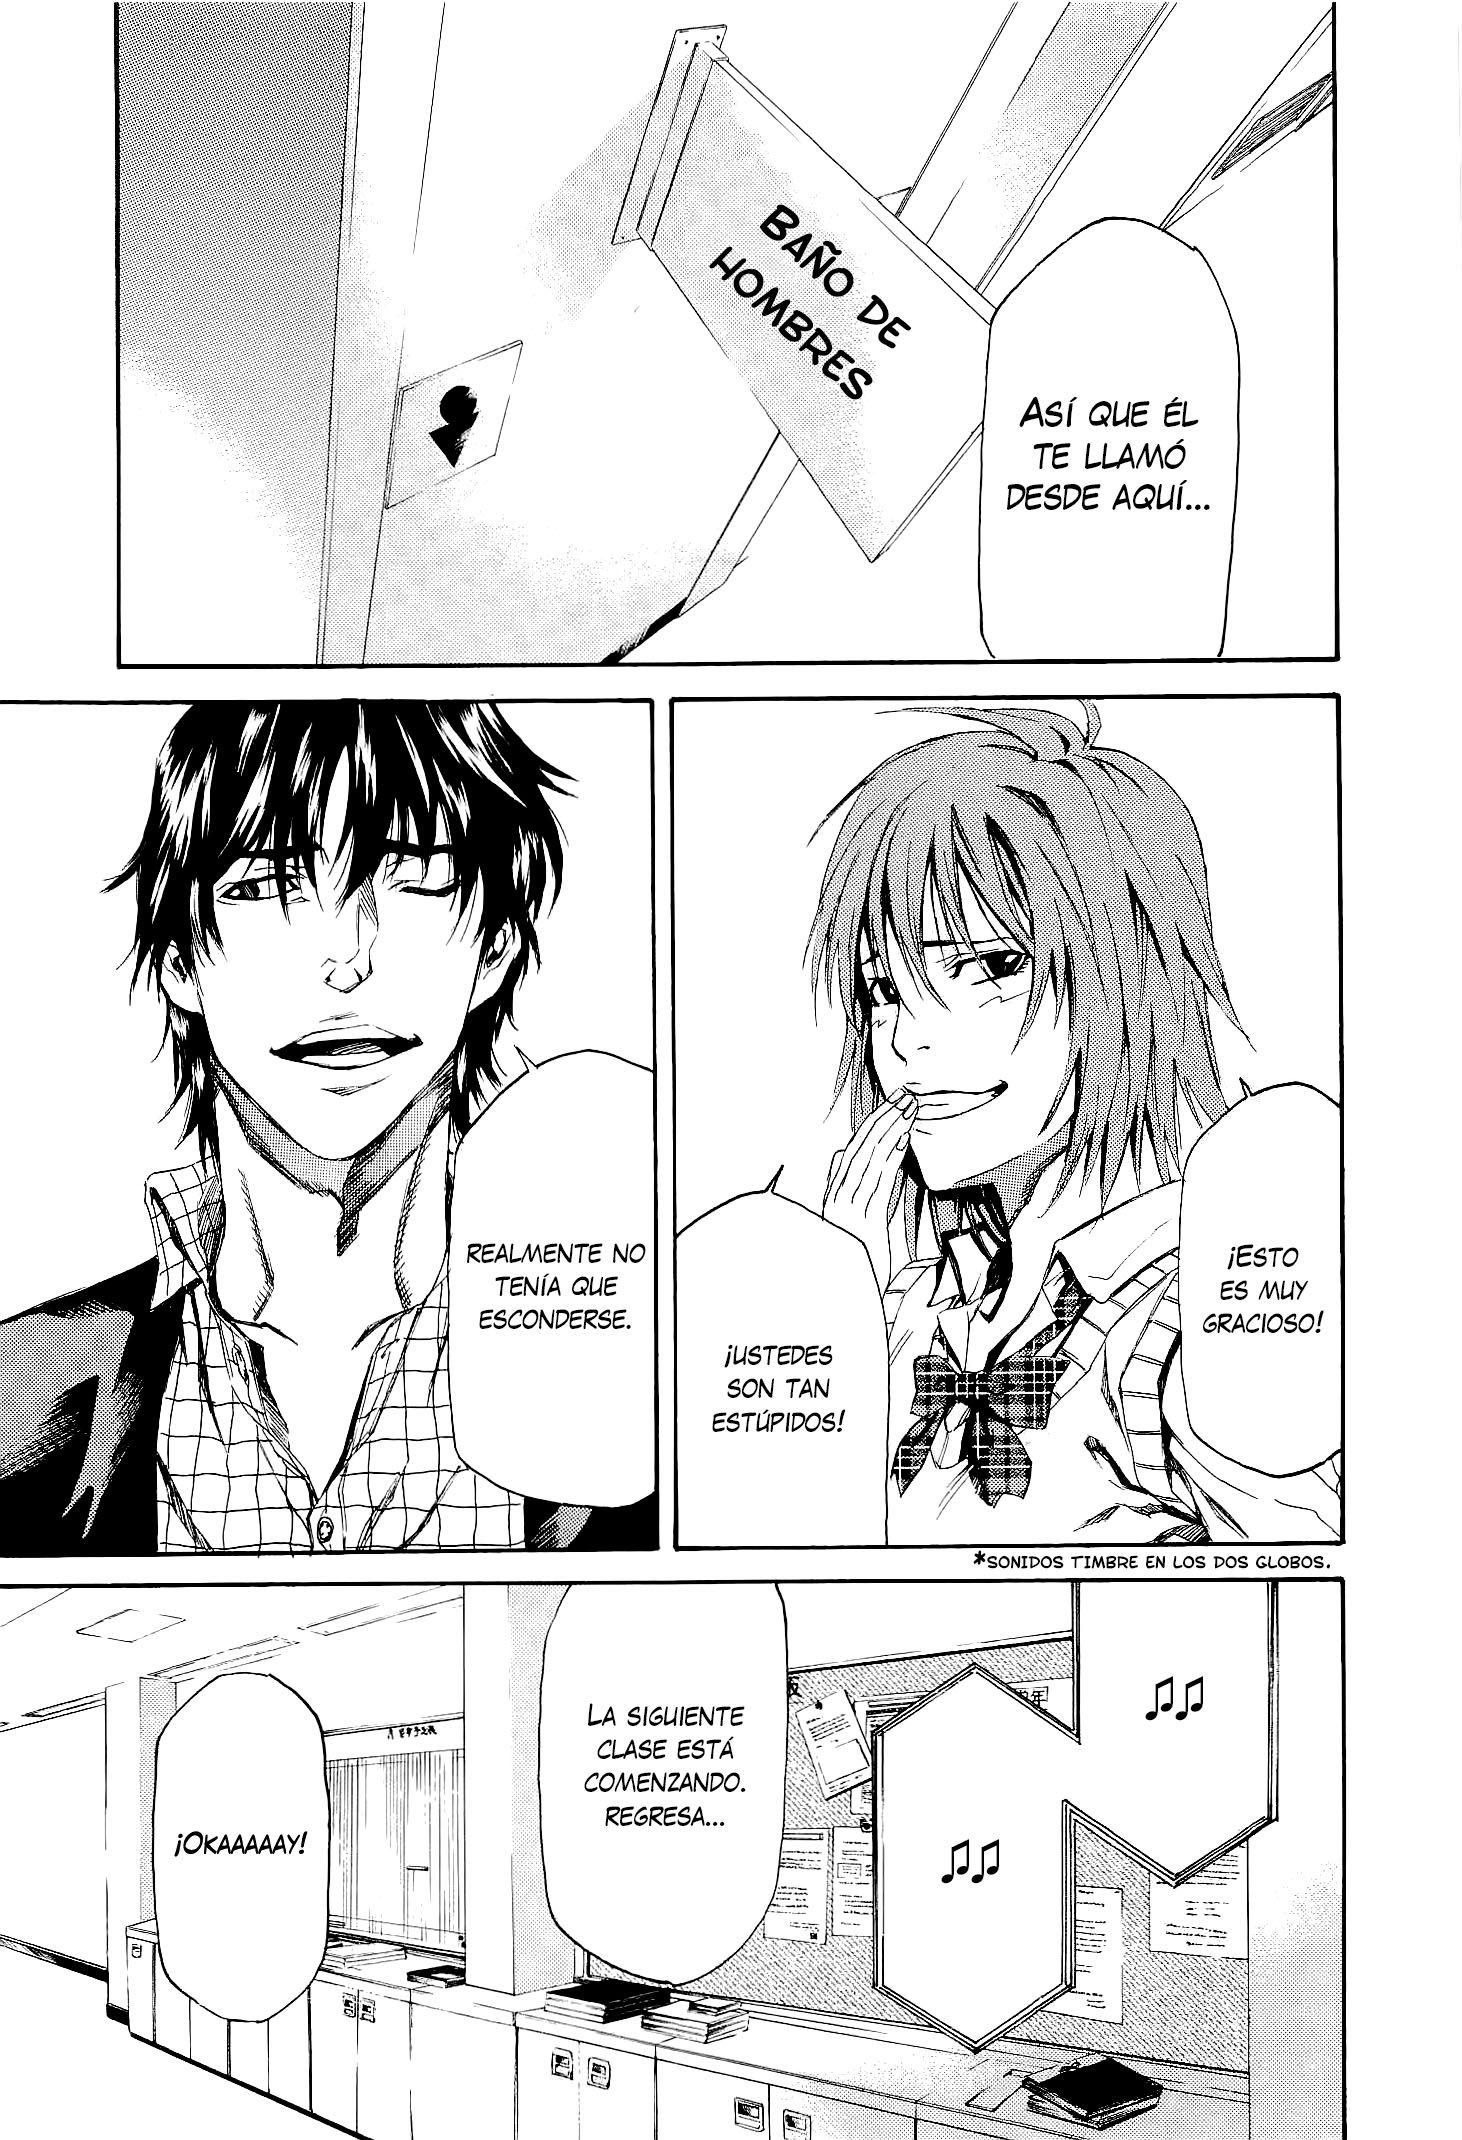 http://c5.ninemanga.com/es_manga/3/19523/468638/f8c0e172cbf7b81bb804df0092b53ae9.jpg Page 44